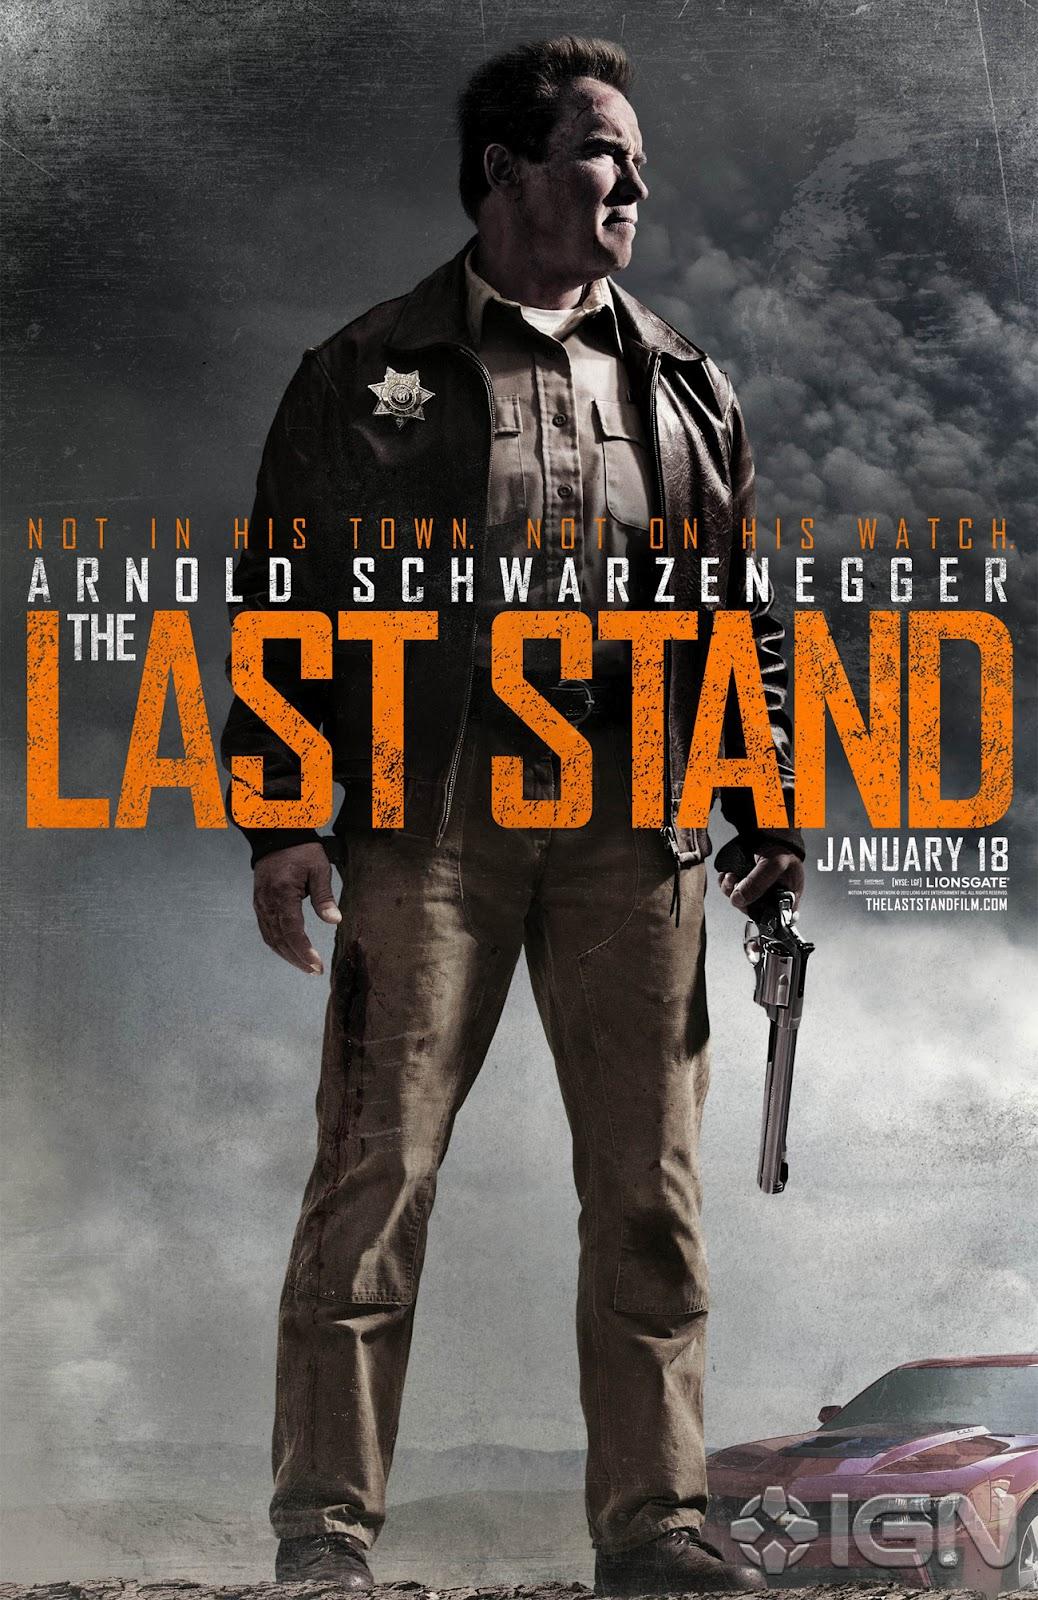 http://2.bp.blogspot.com/-N5_uT97ETaQ/UCrG-bAr6kI/AAAAAAAA4RE/3sAtjmZLr4c/s1600/Arnold_Schwarzenegger-The-Last-Stand-Poster.jpg